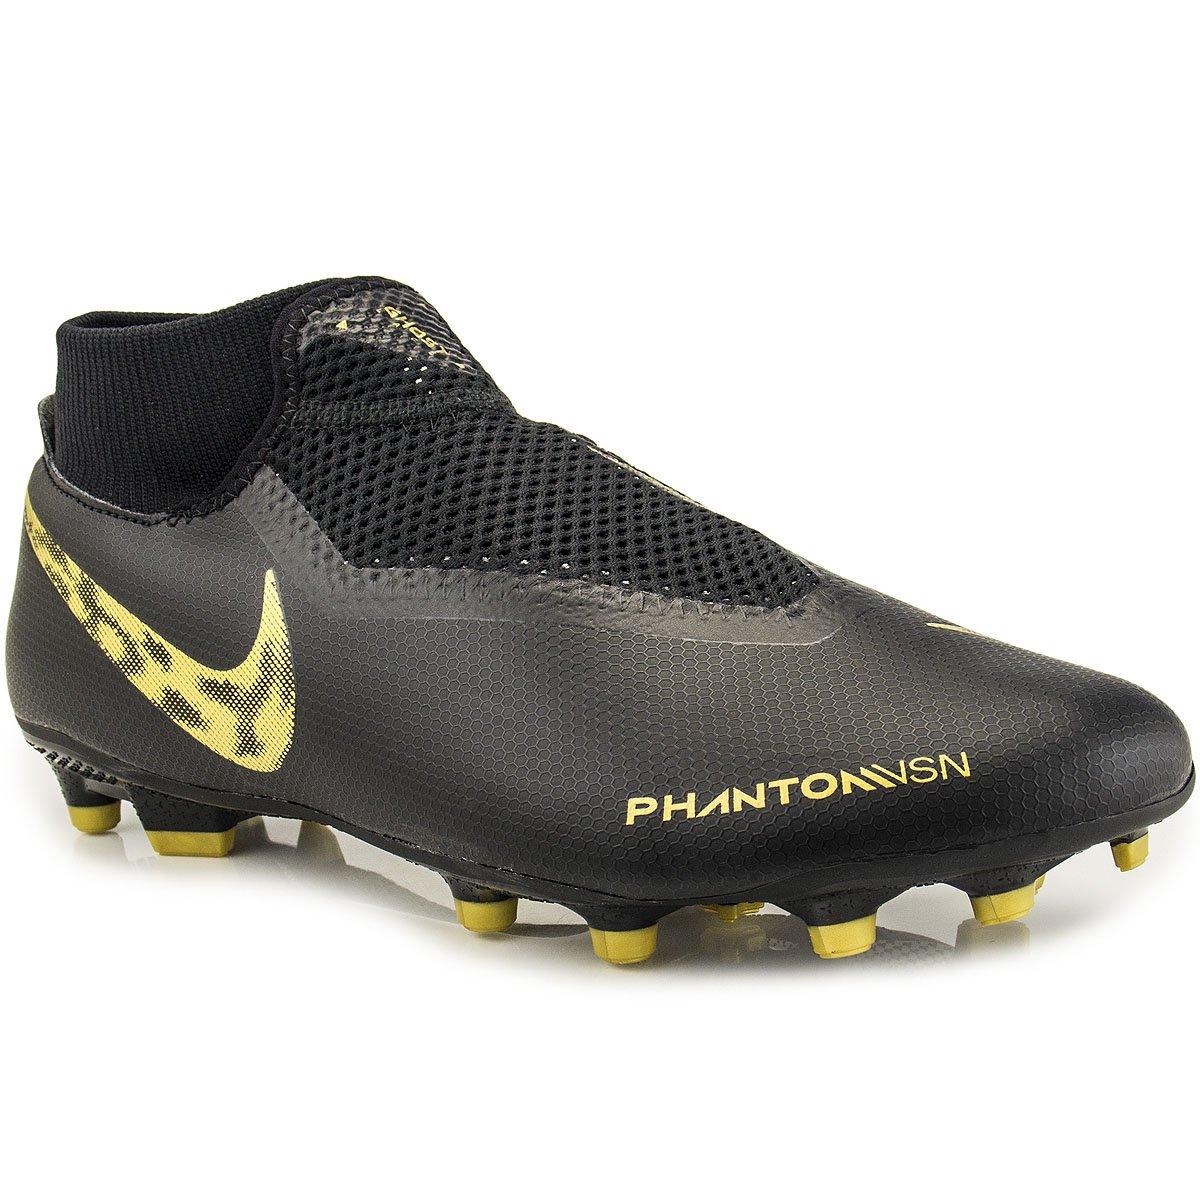 62e81c94d4 Chuteira Nike Phantom Vision Academy DF FG